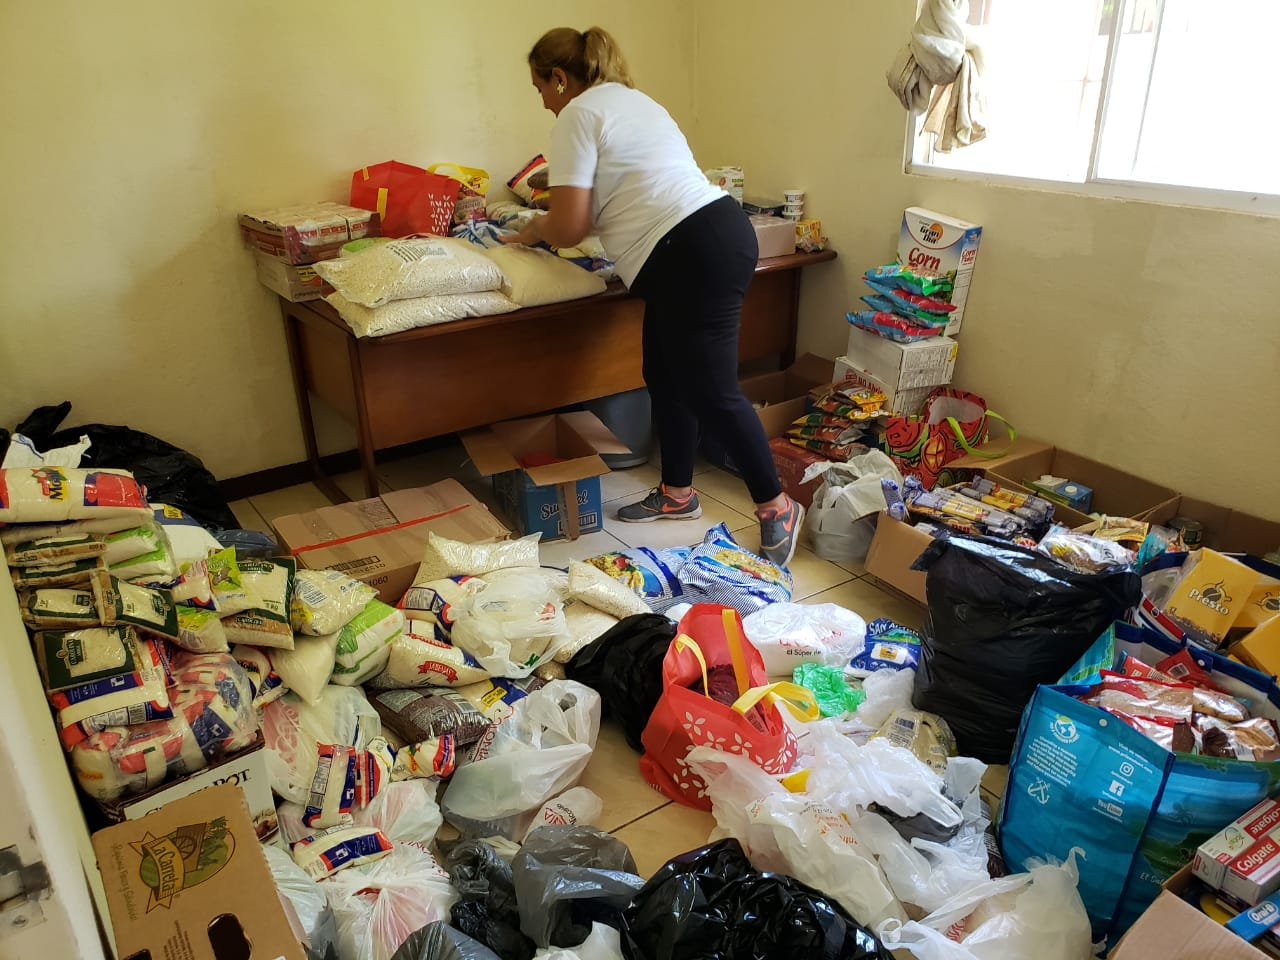 Exitosa la colecta de víveres en Managua para los presos políticos, pese a cercos policiales. Foto: Artículo 66